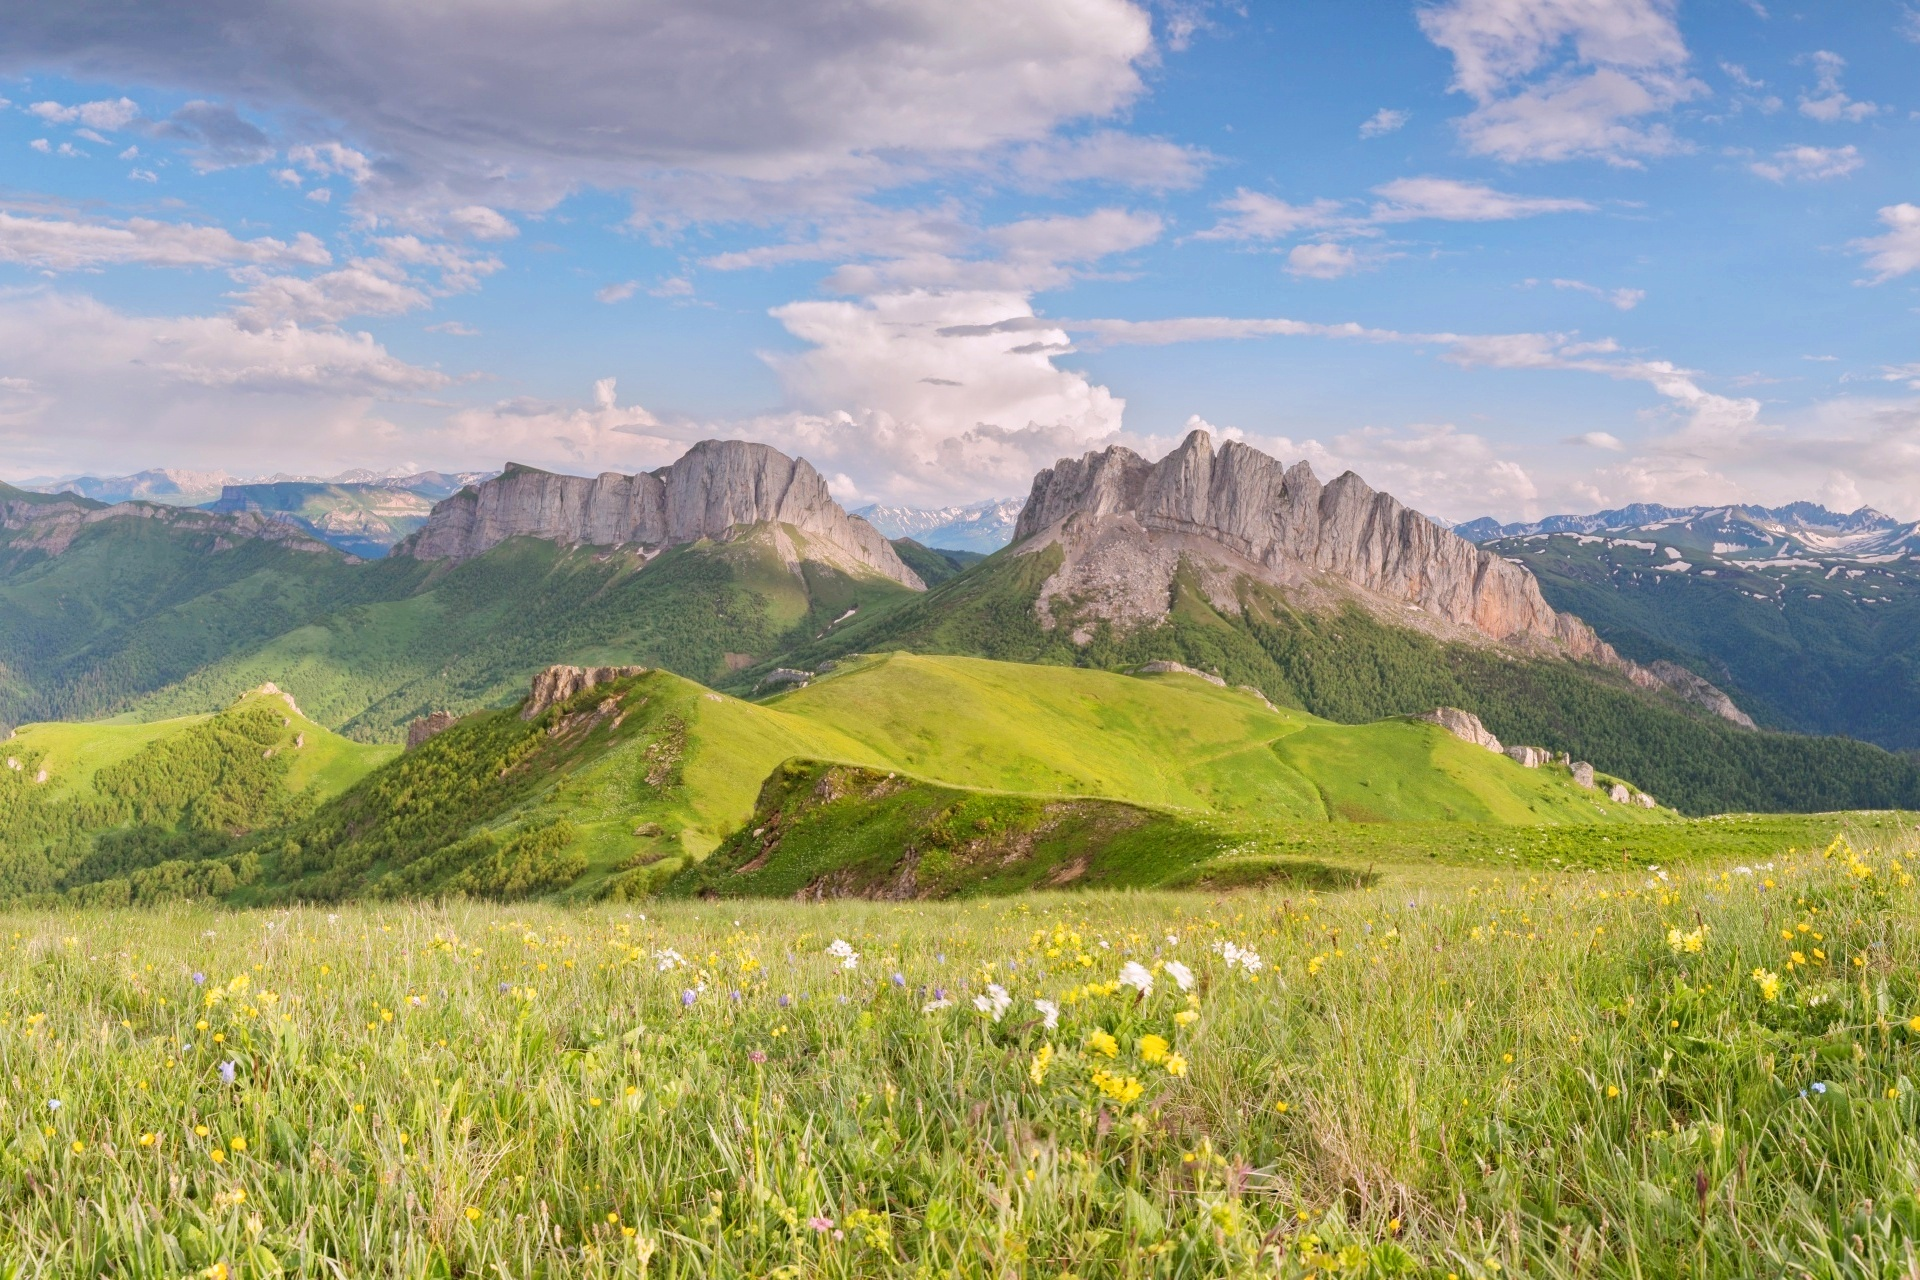 ボリショイ・タク山とコーカサス山脈の風景 ロシアの風景